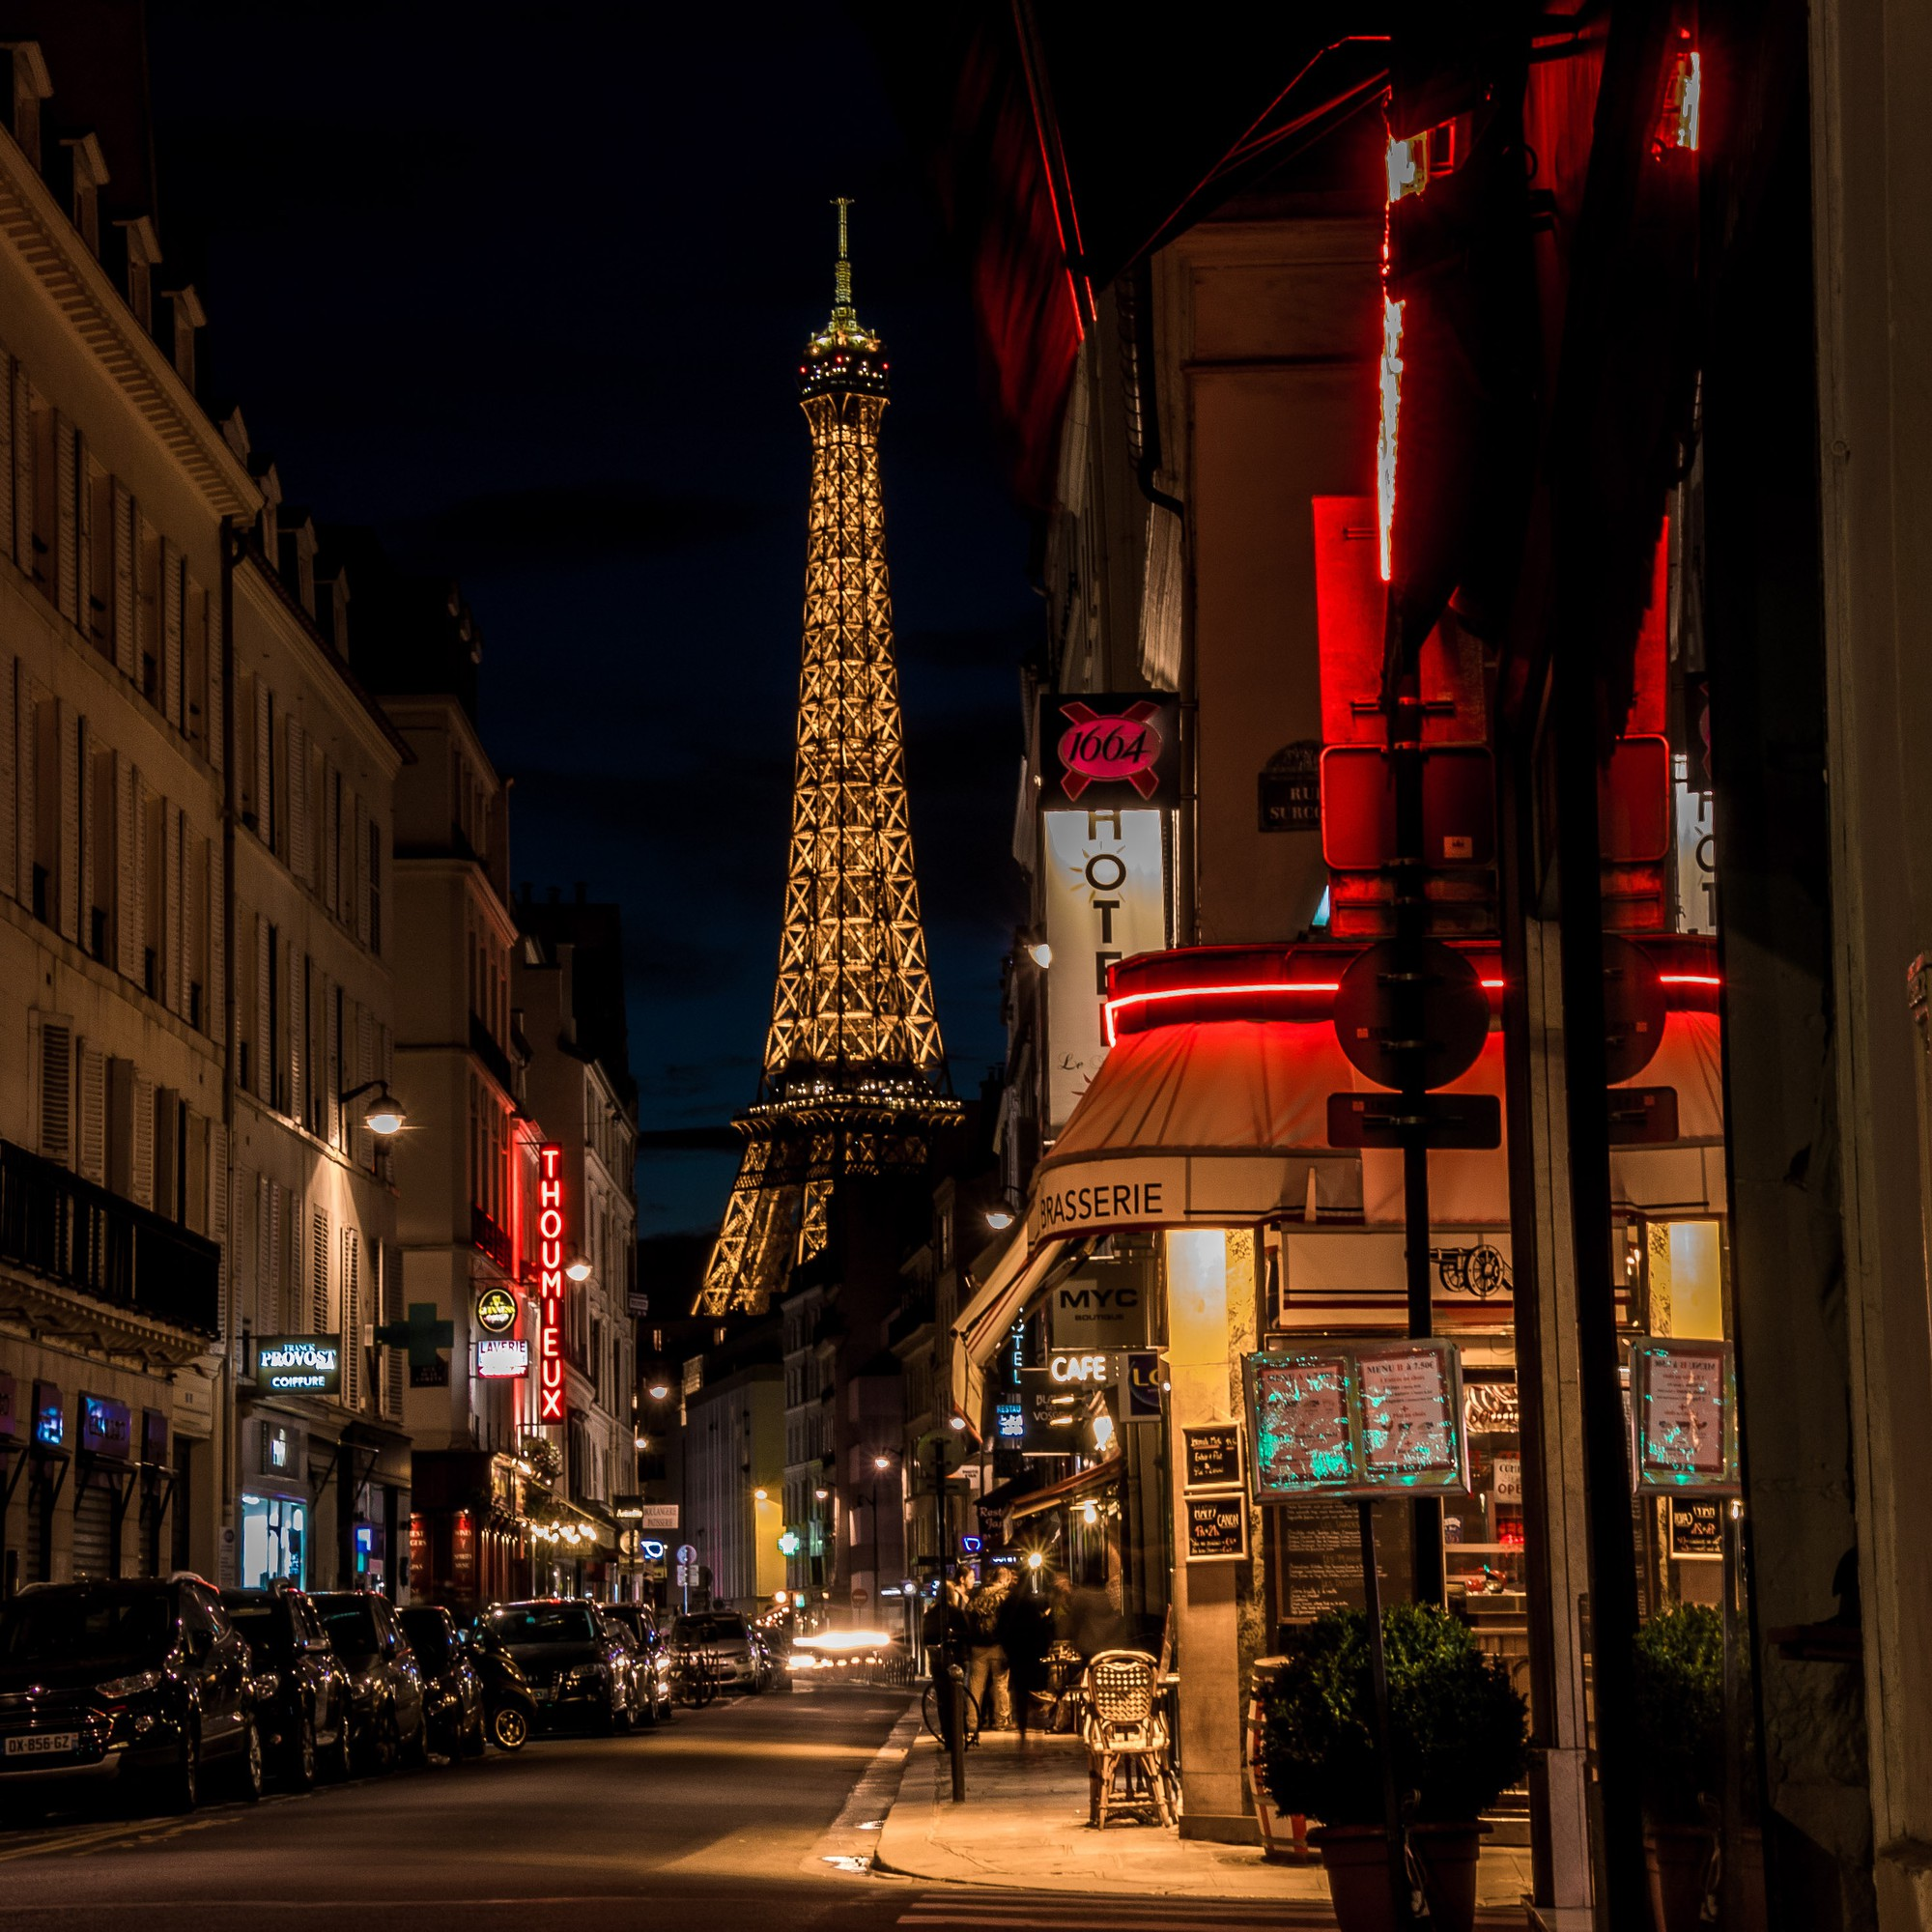 Chụp hình tháp Eiffel vào buổi tối có thể khiến bạn... bị kiện ra toà, và đây là lí do! - Ảnh 2.